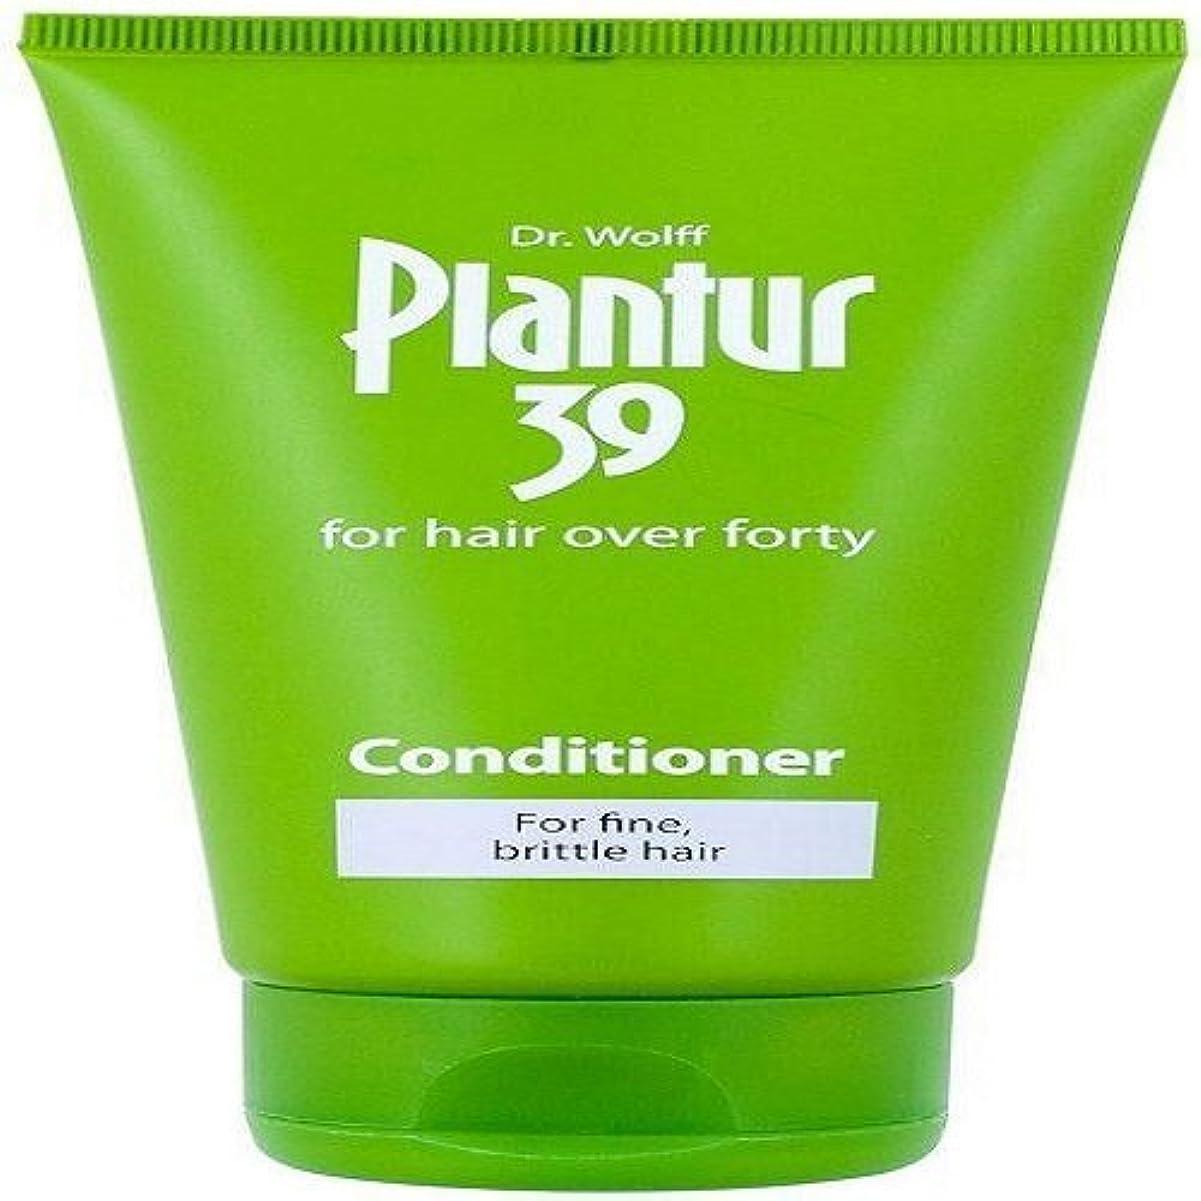 待つエイリアス一貫したPlantur 39 150ml Fine & Brittle hair conditioner by Plantur [並行輸入品]